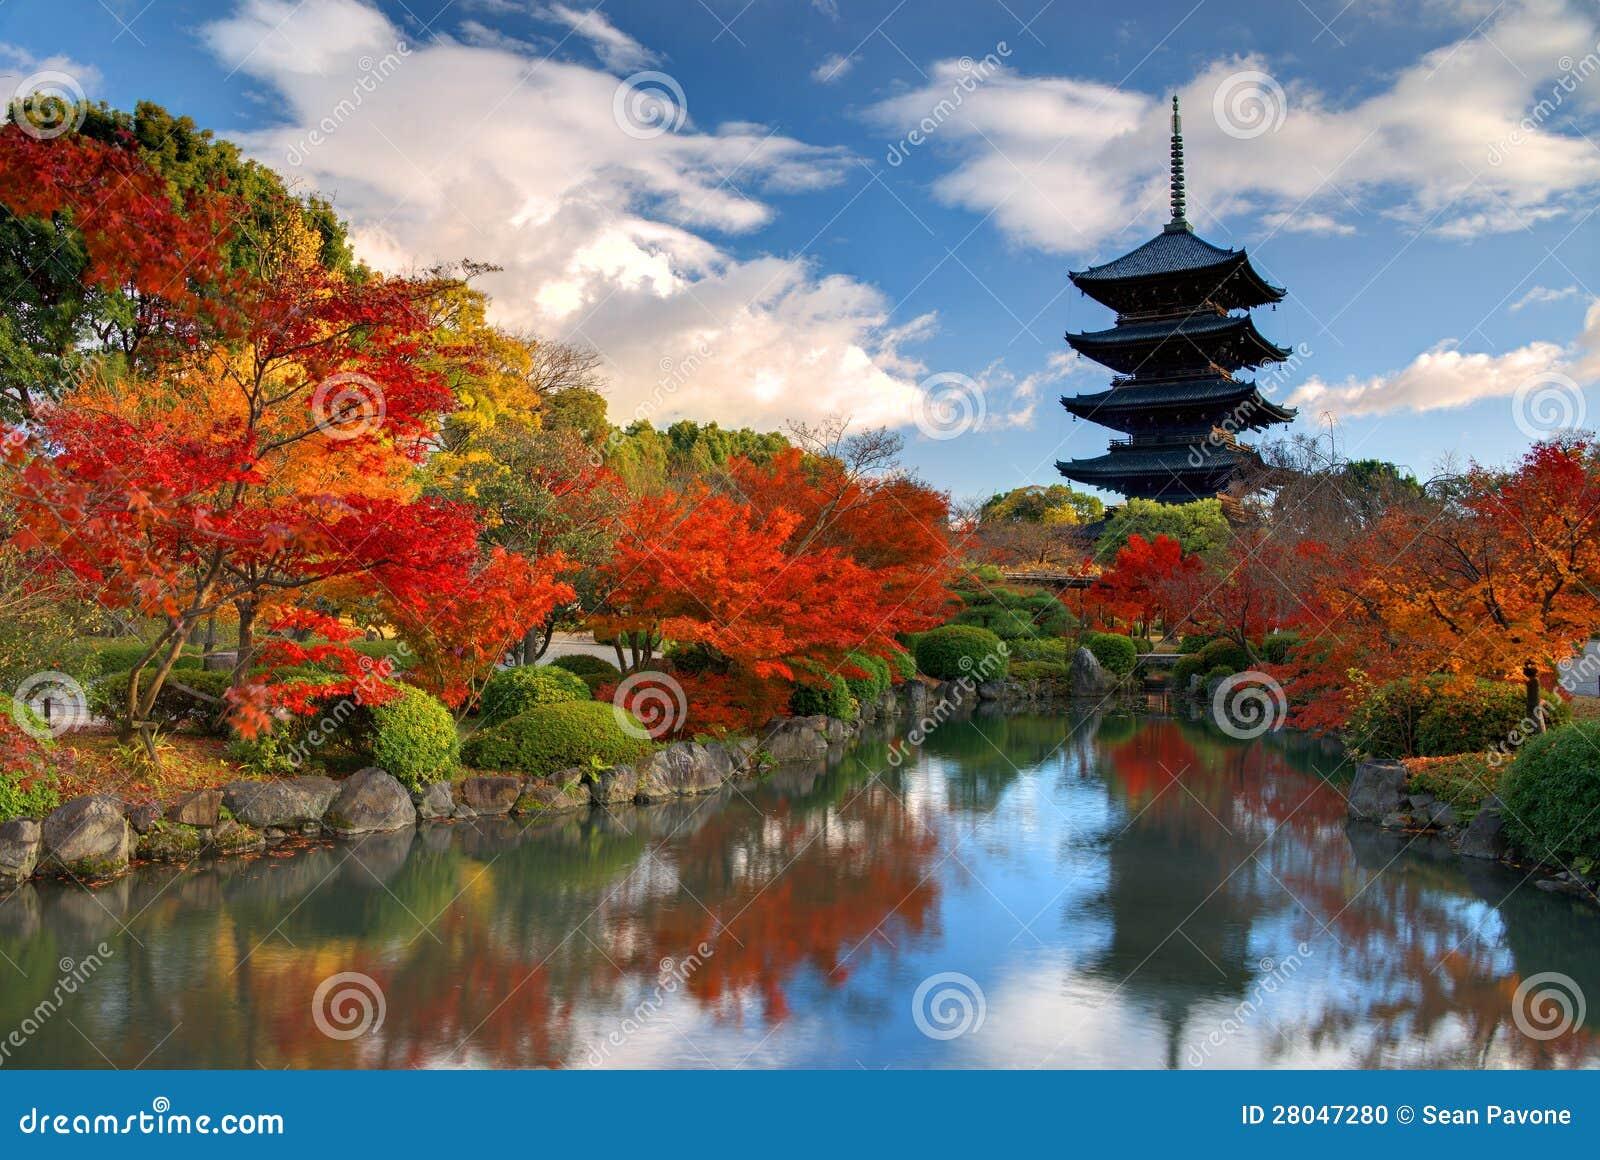 Pagoda de Toji en Kyoto, Japón